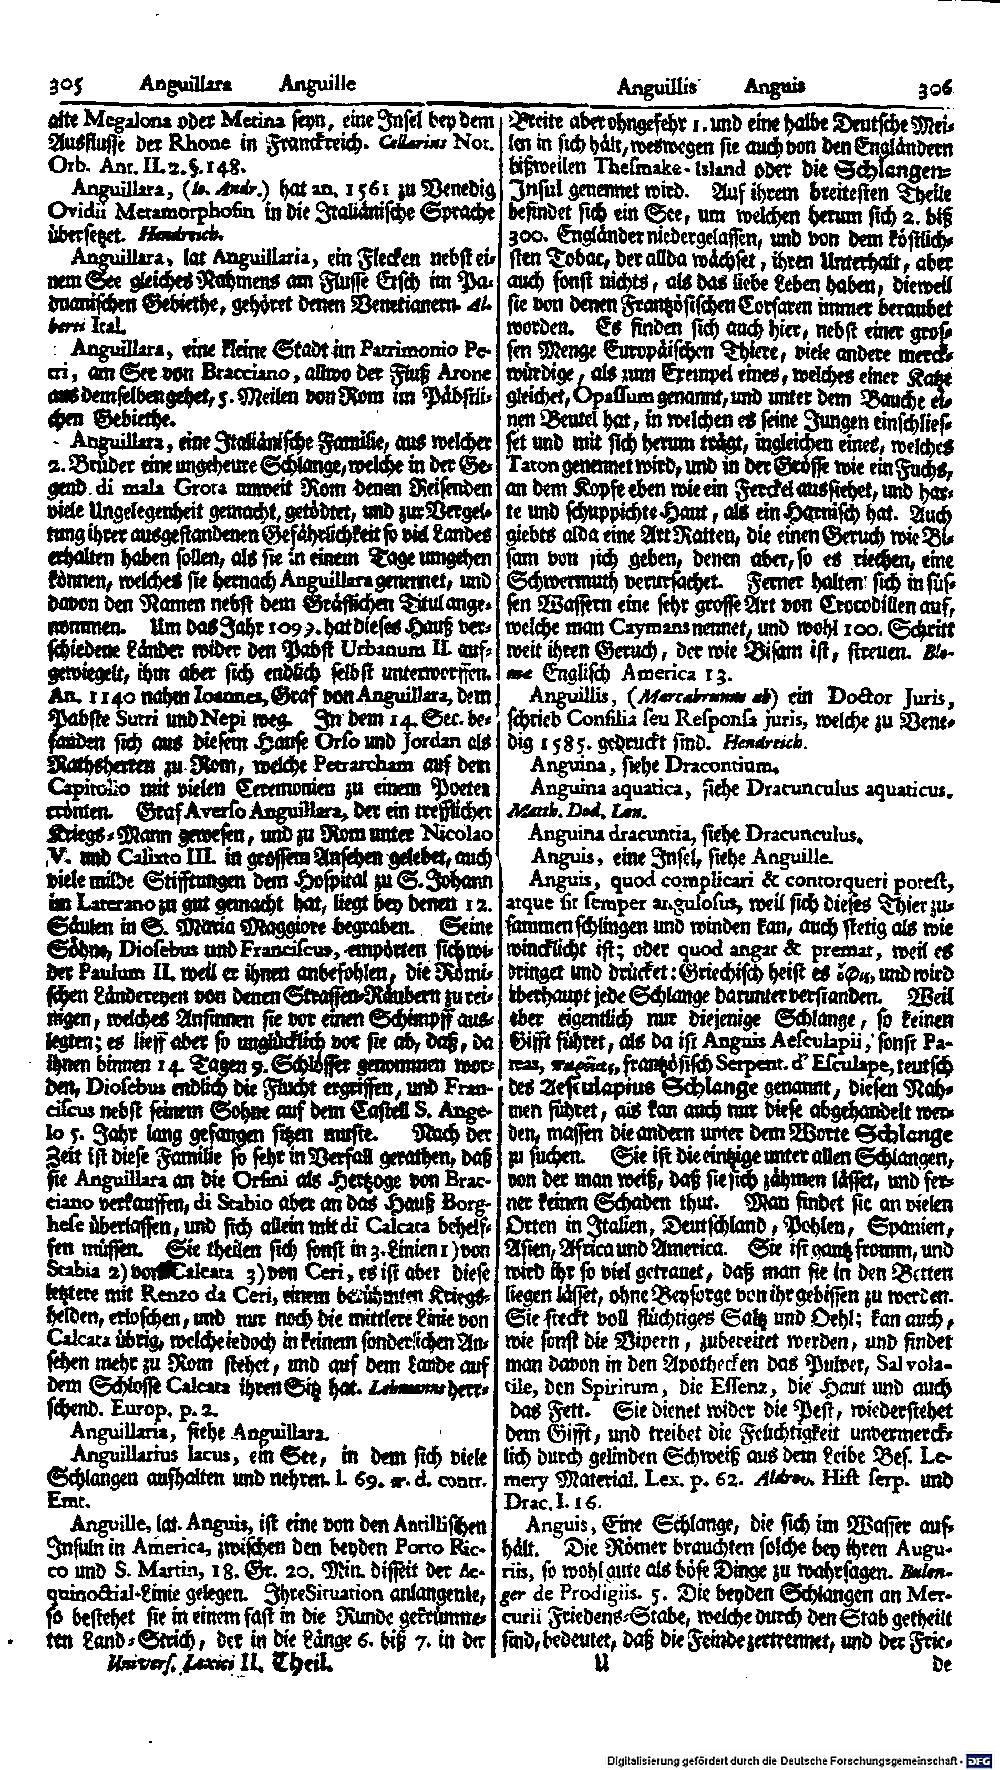 Bd. 02, Seite 0168.